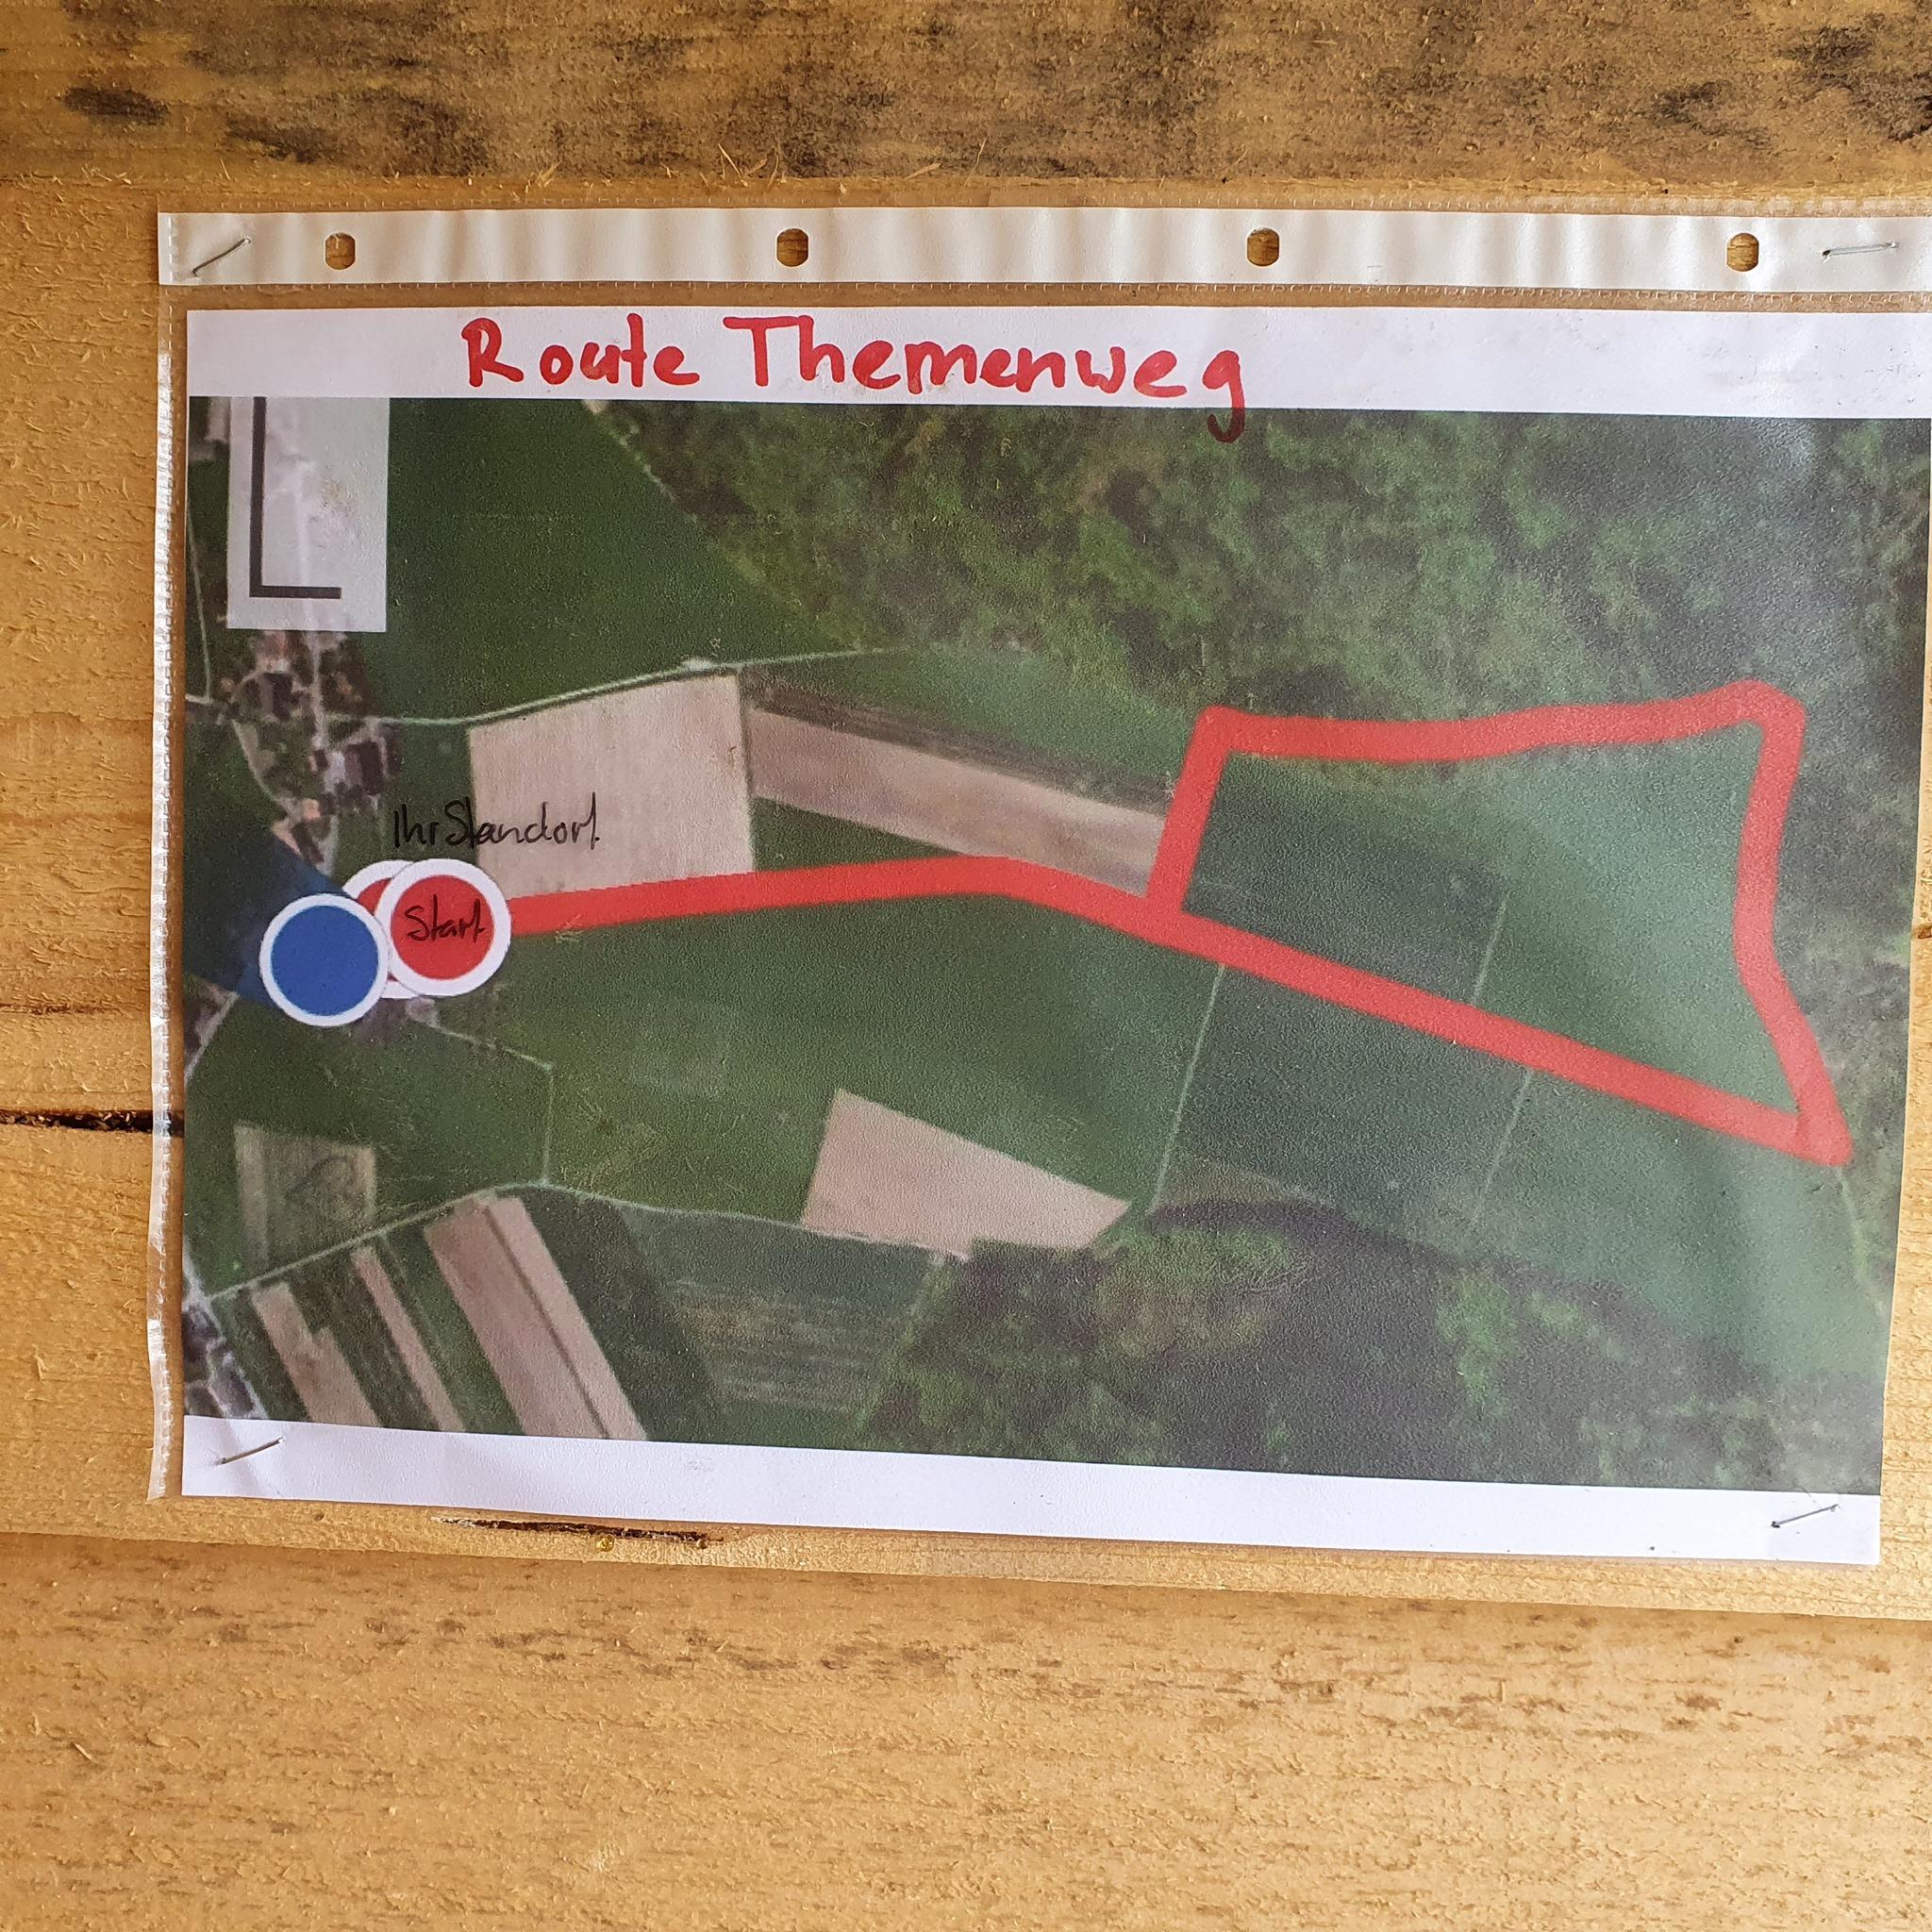 route_themenweg